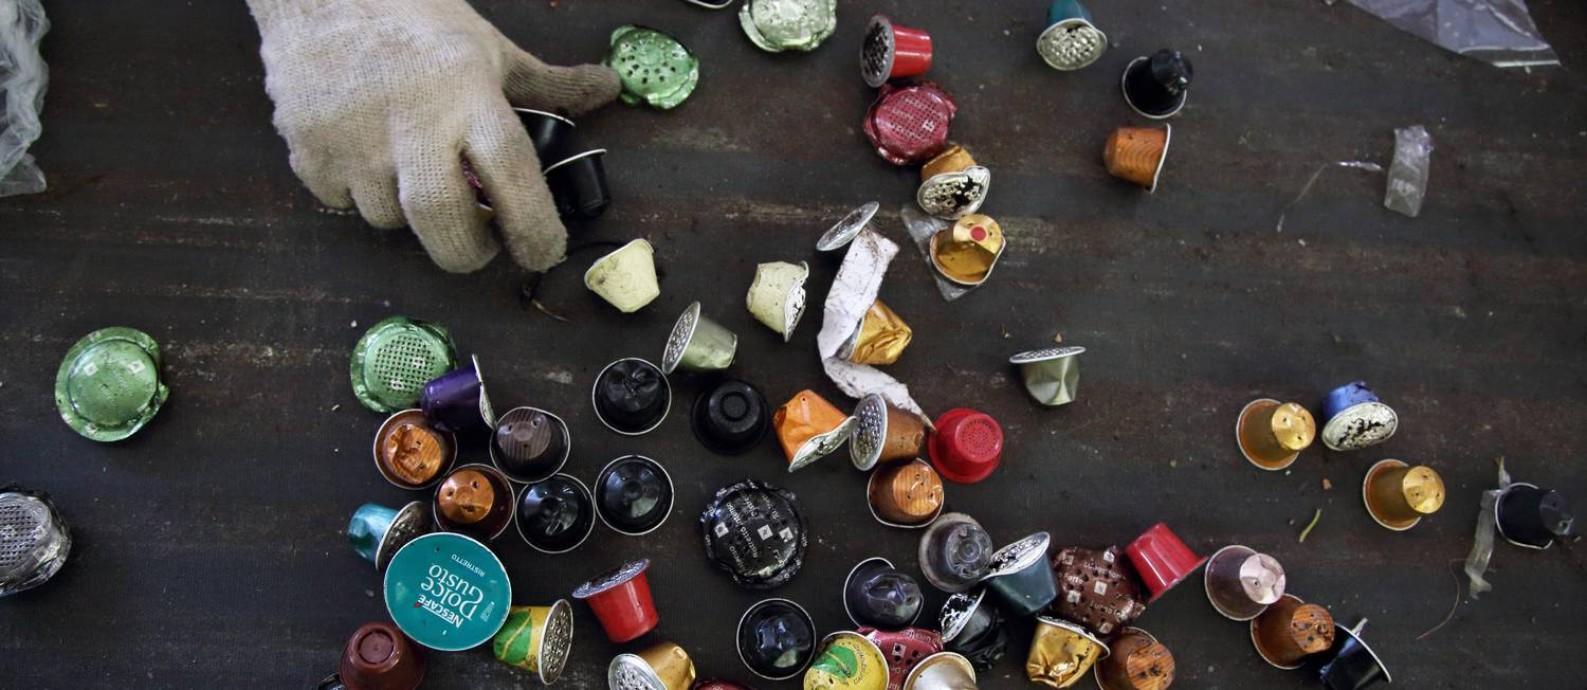 Na coopertativa CoopFuturo, em Irajá, as cápsulas são descartadas como resíduos, sem reaproveitamento Foto: Custódio Coimbra / Agência O Globo